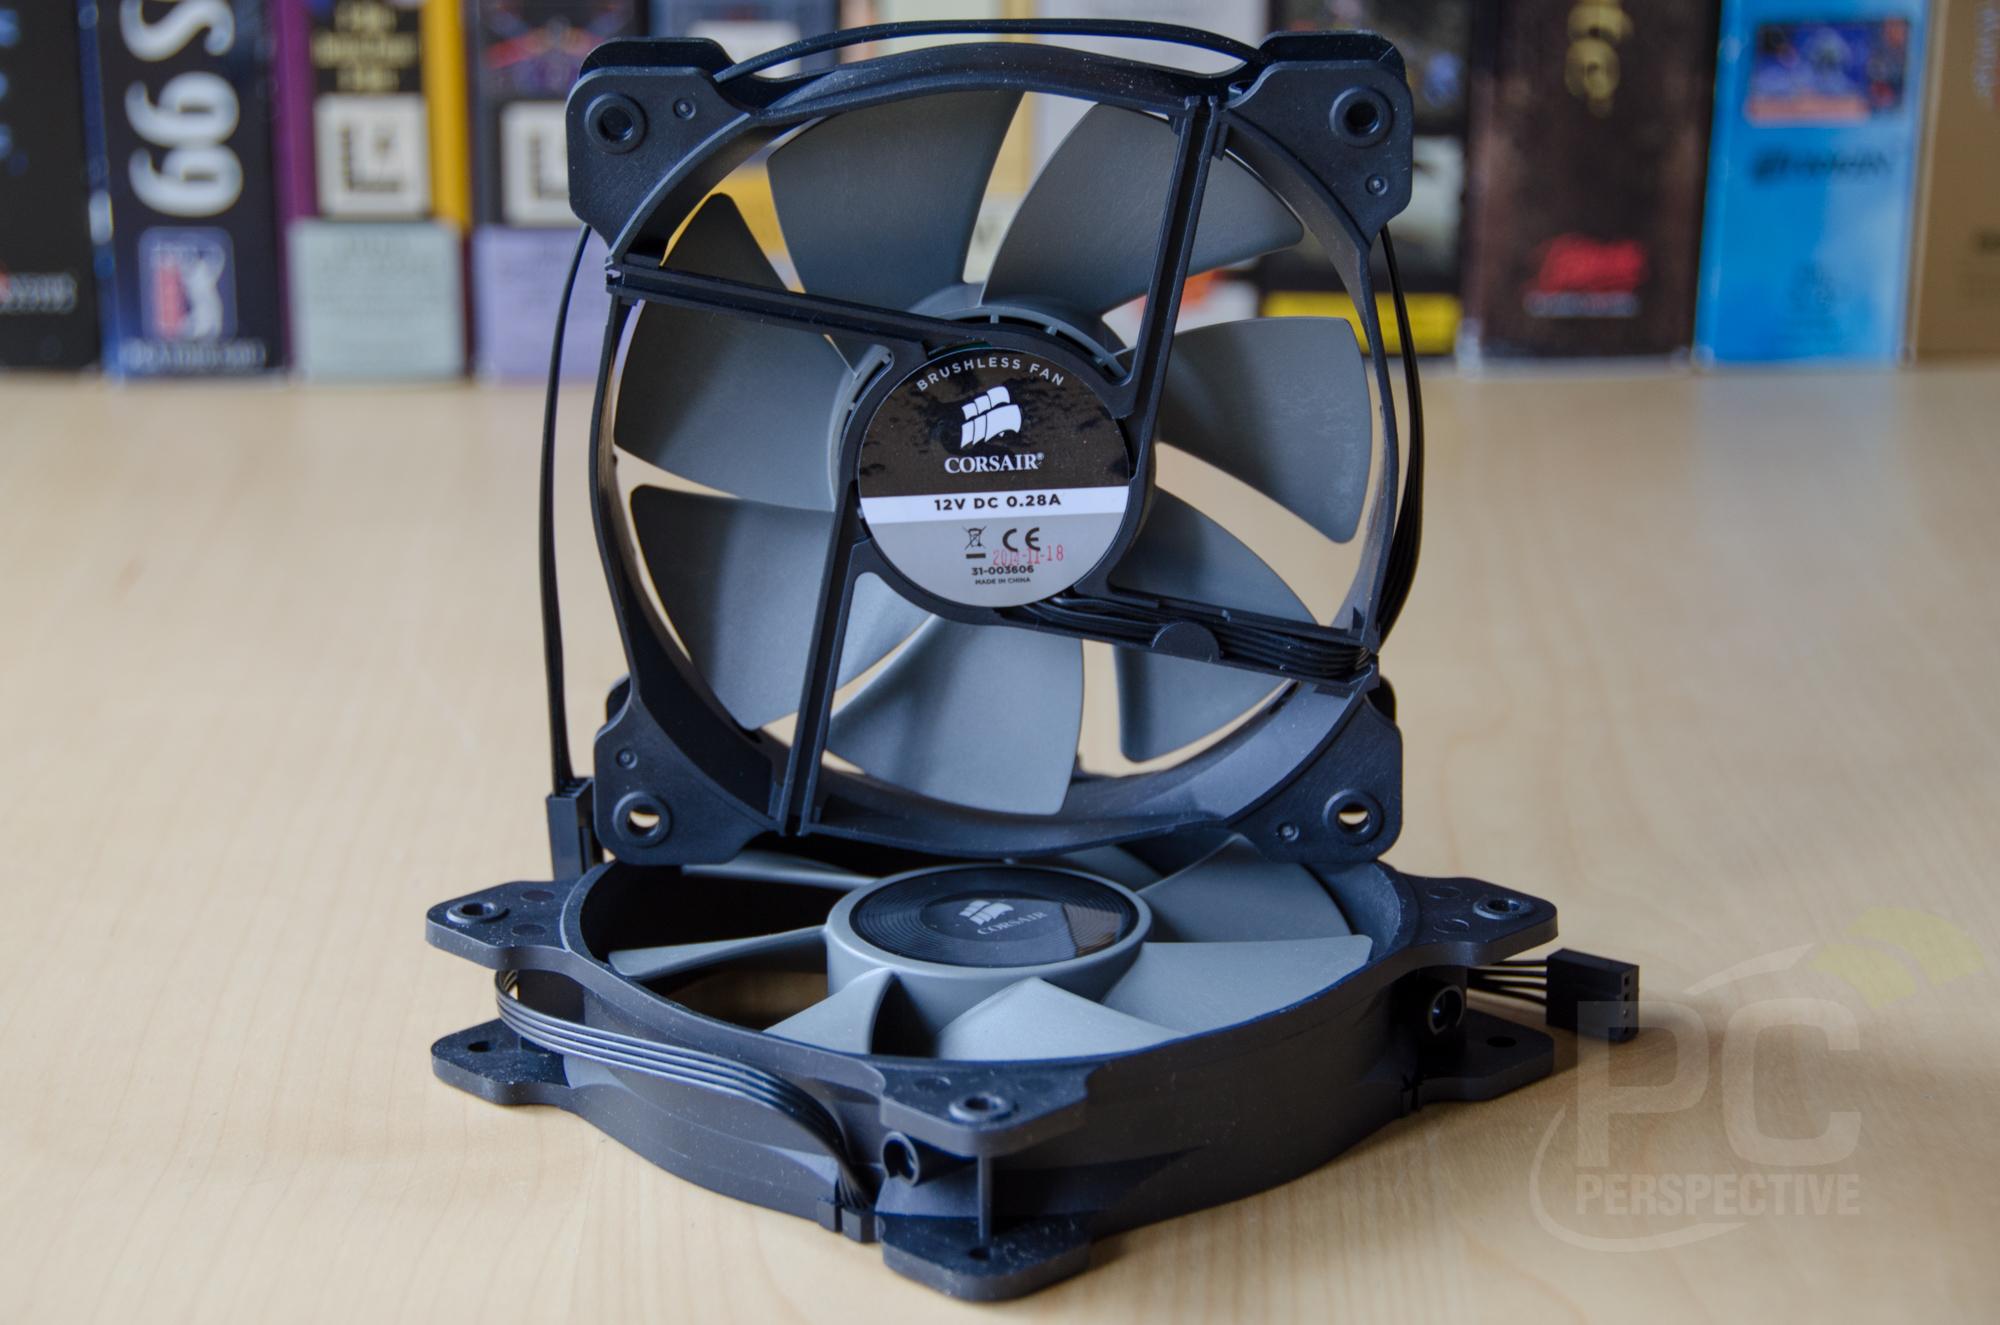 h100igtx-h80igt-fans.jpg